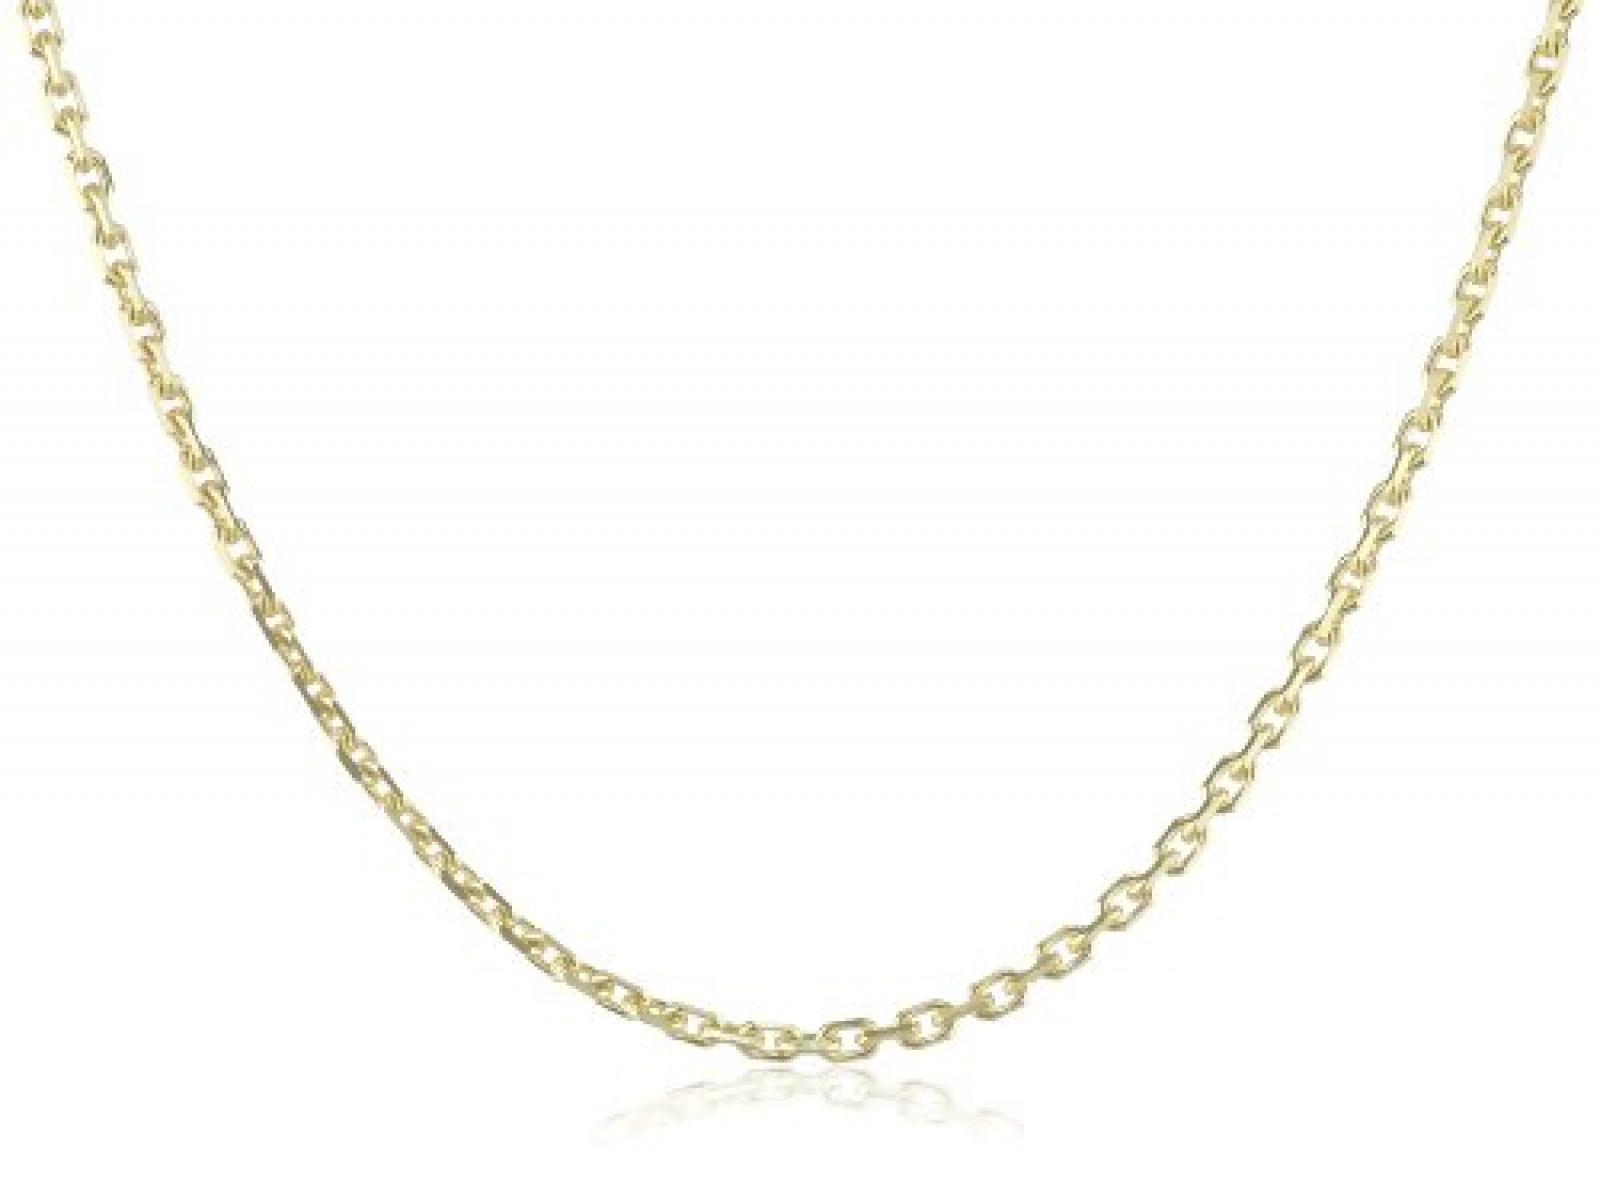 Amor Jewelry Unisex-Halskette 8 Karat 333 Gelbgold 74452